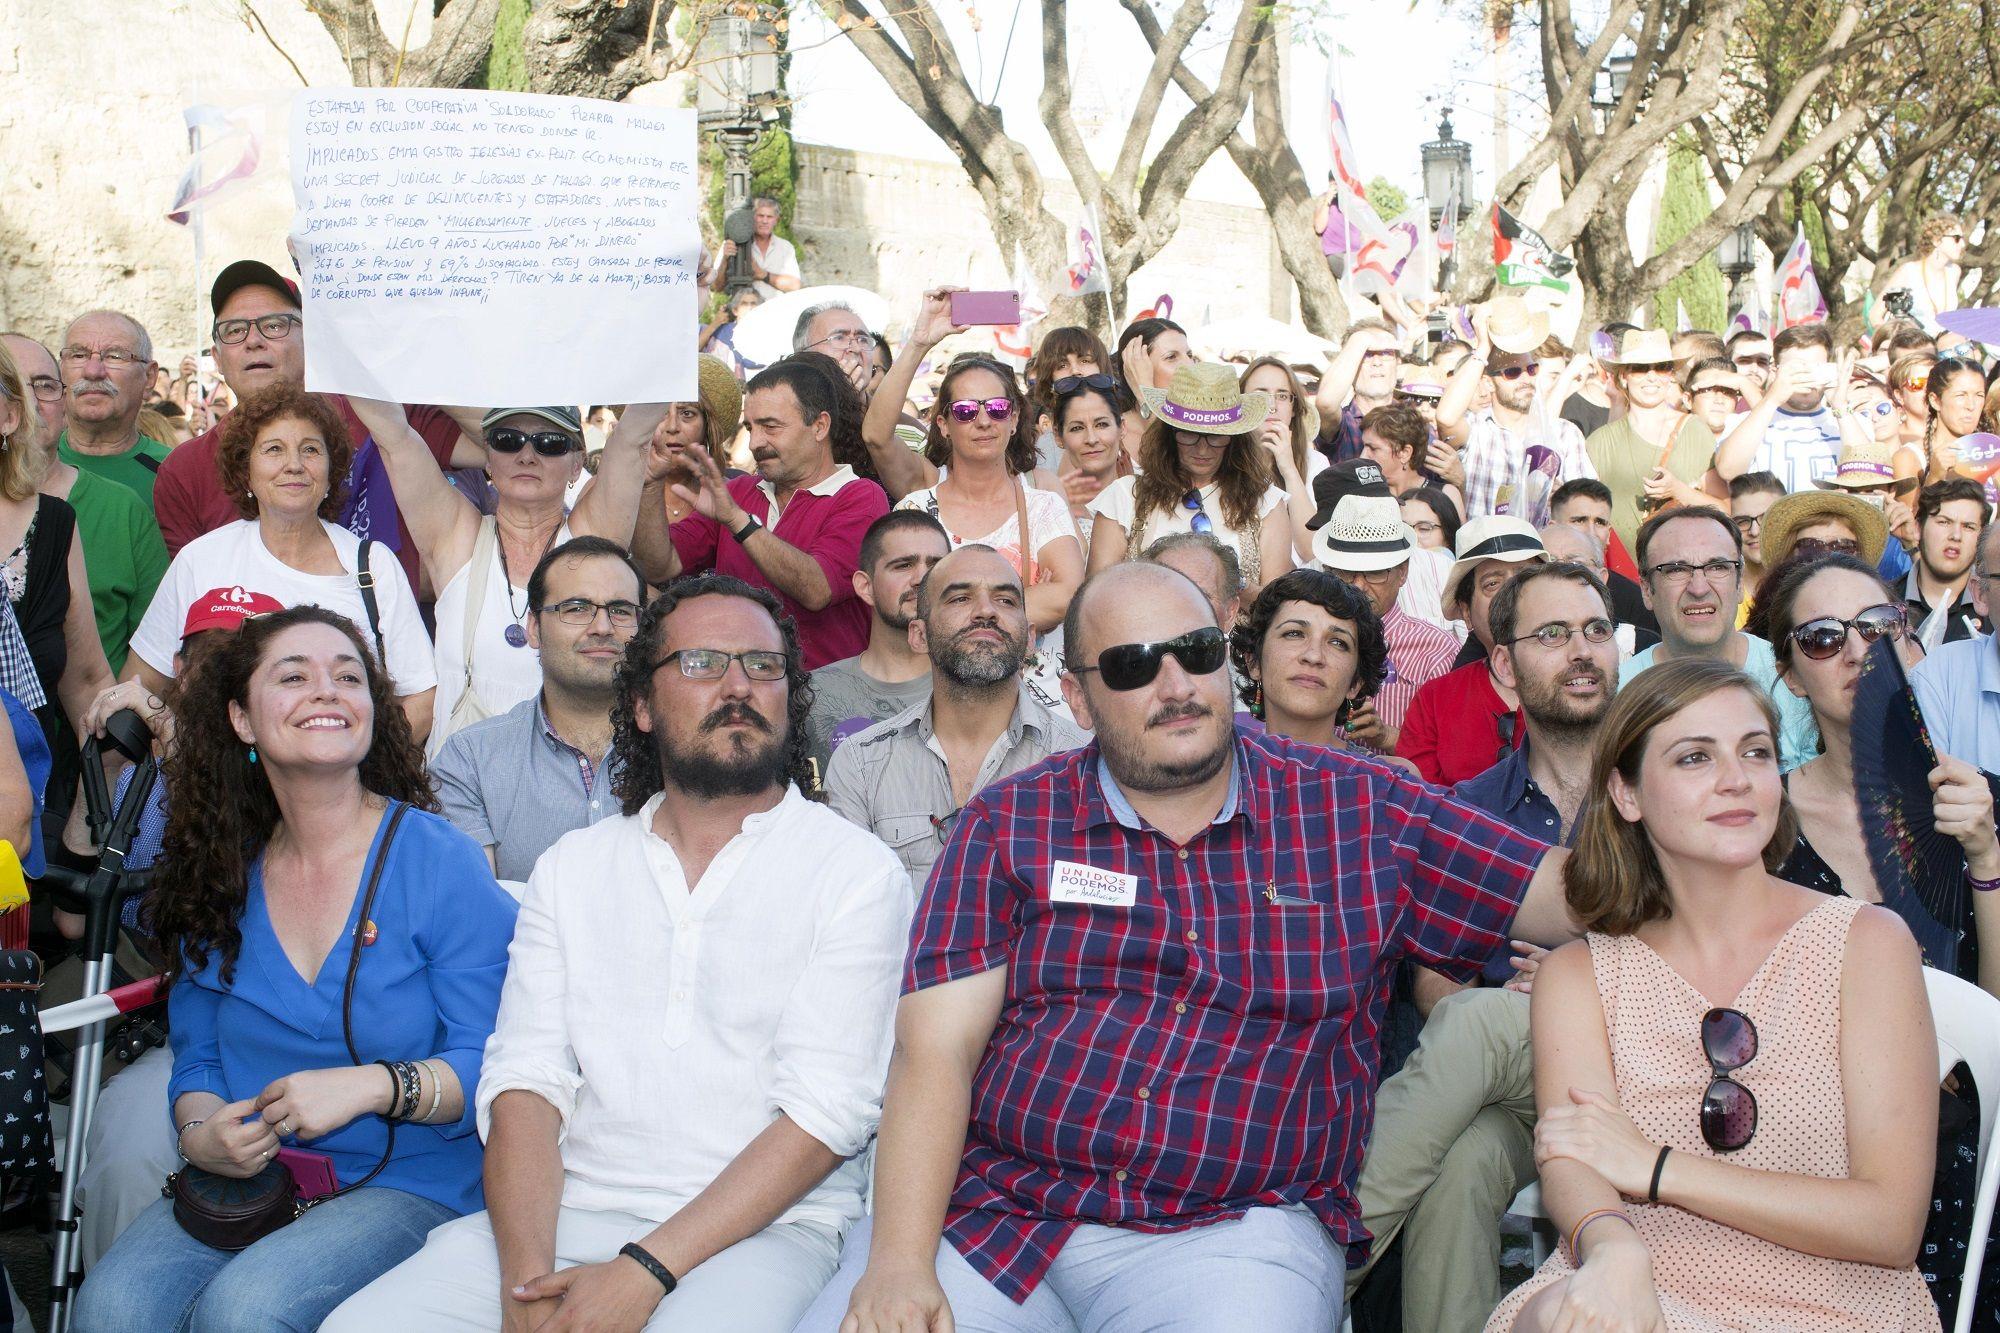 Raúl Ruíz-Berdejo y Ana Fernández, concejales por IU en el Ayuntamiento de Jerez, asistieron al mitin de Unidos Podemos   23 jun 2016   Juan Carlos Corchado para MIRA Jerez